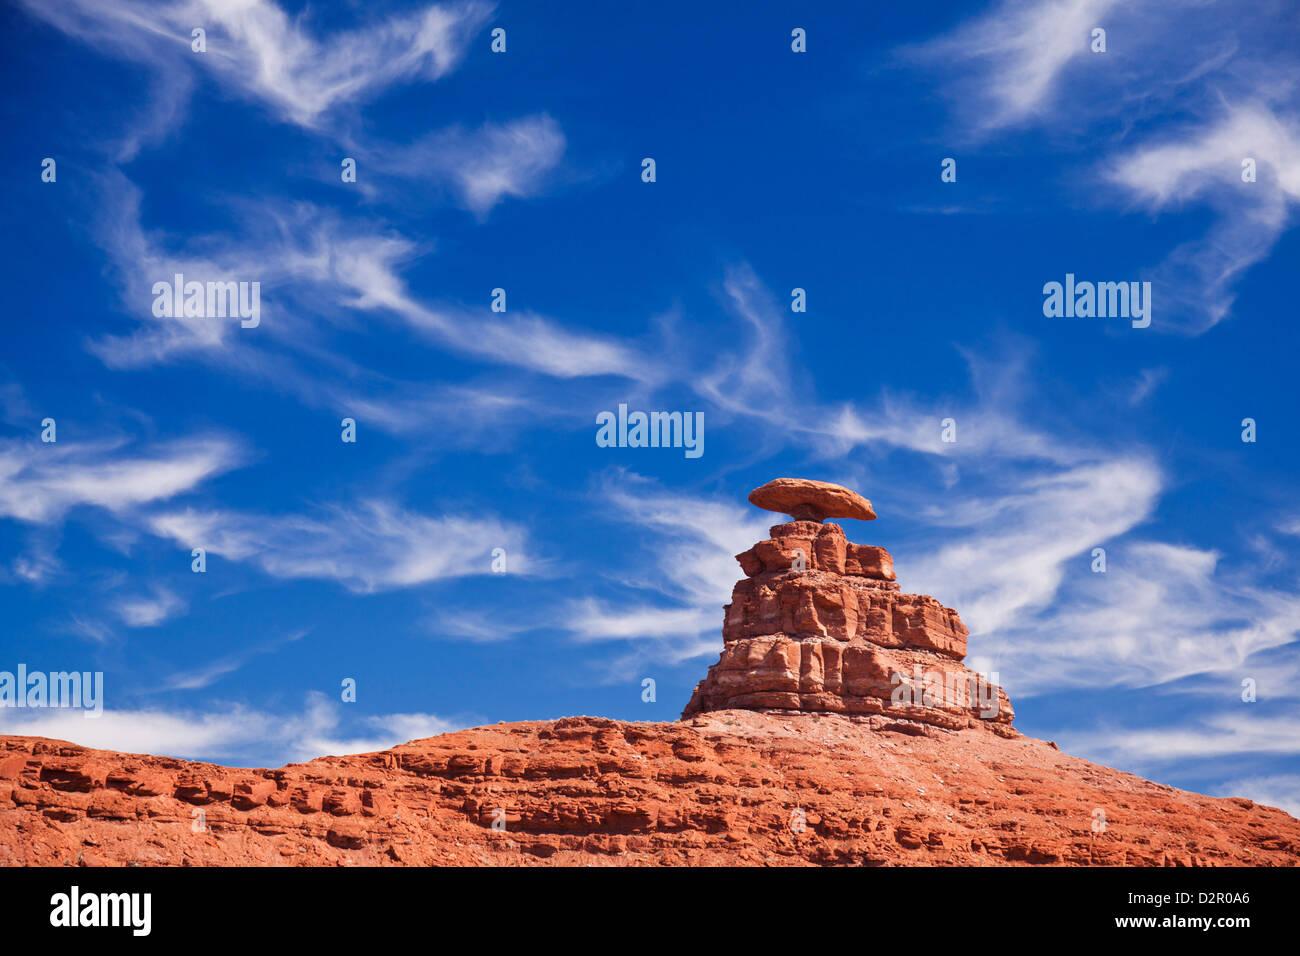 Mexican Hat Rock, mexikanischen Hut, Utah, Vereinigte Staaten von Amerika, Nordamerika Stockbild